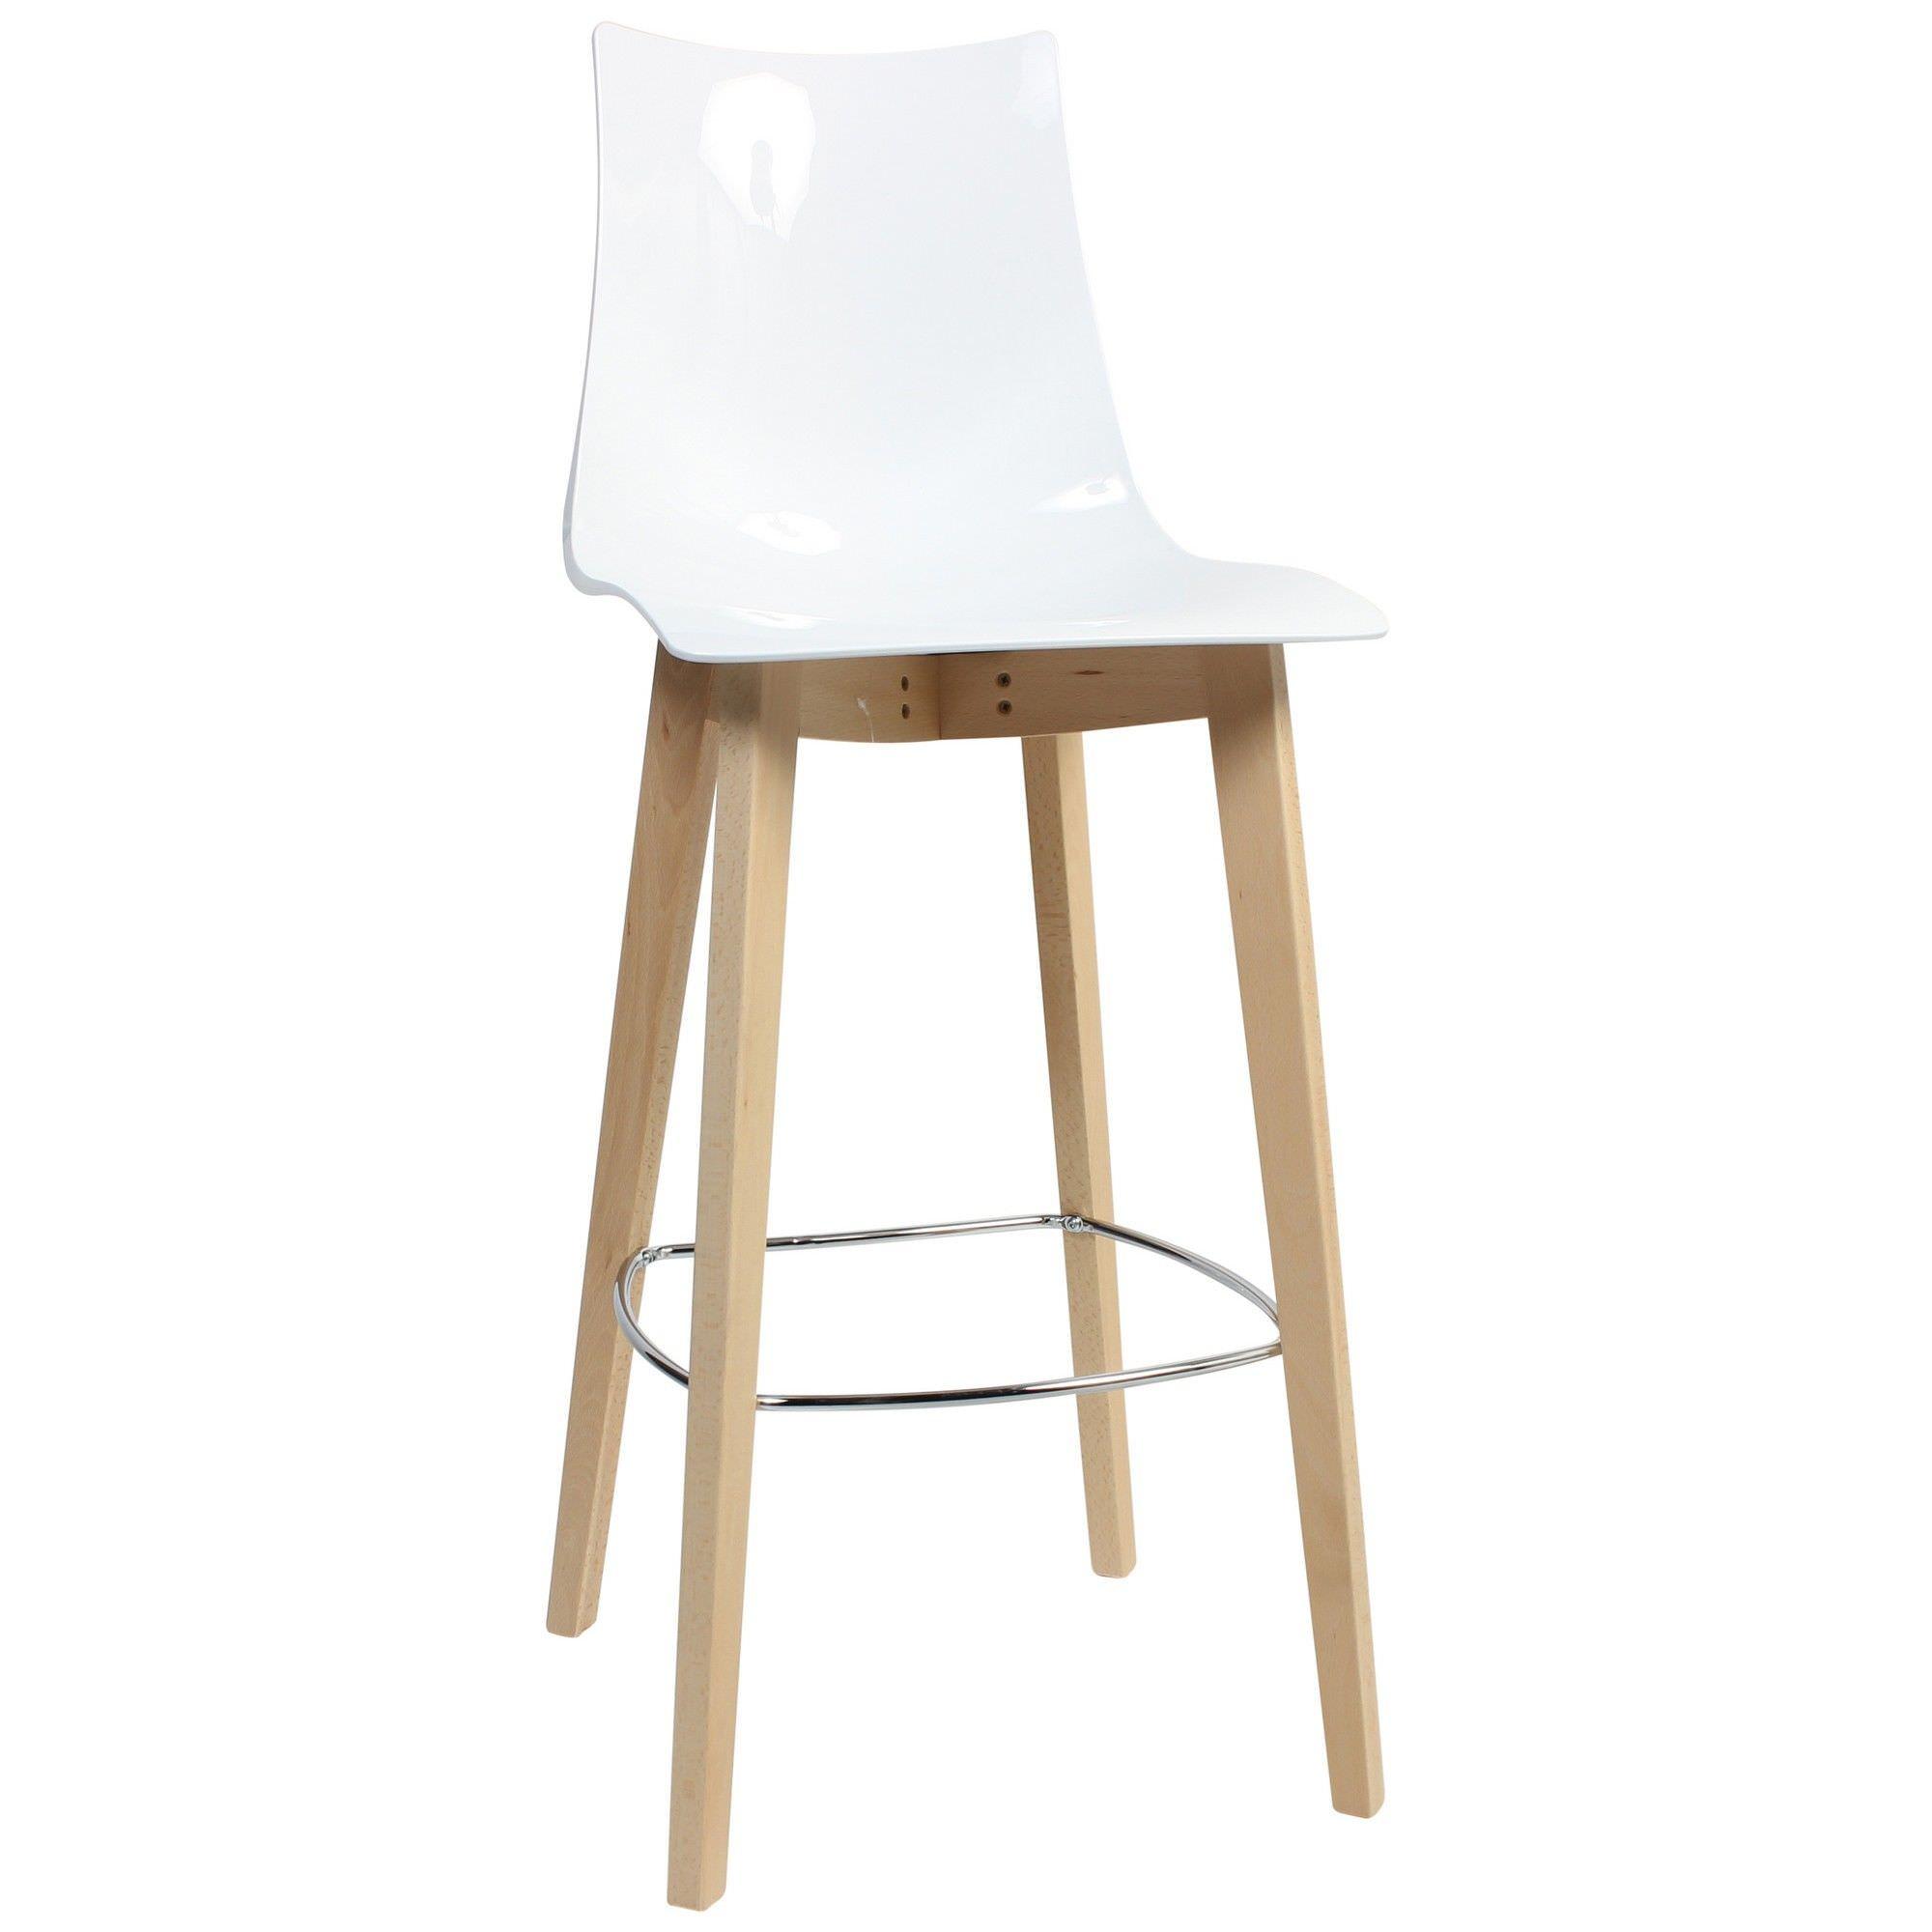 Zebra Italian Made Commercial Grade Bar Stool, Timber Leg, White / Natural